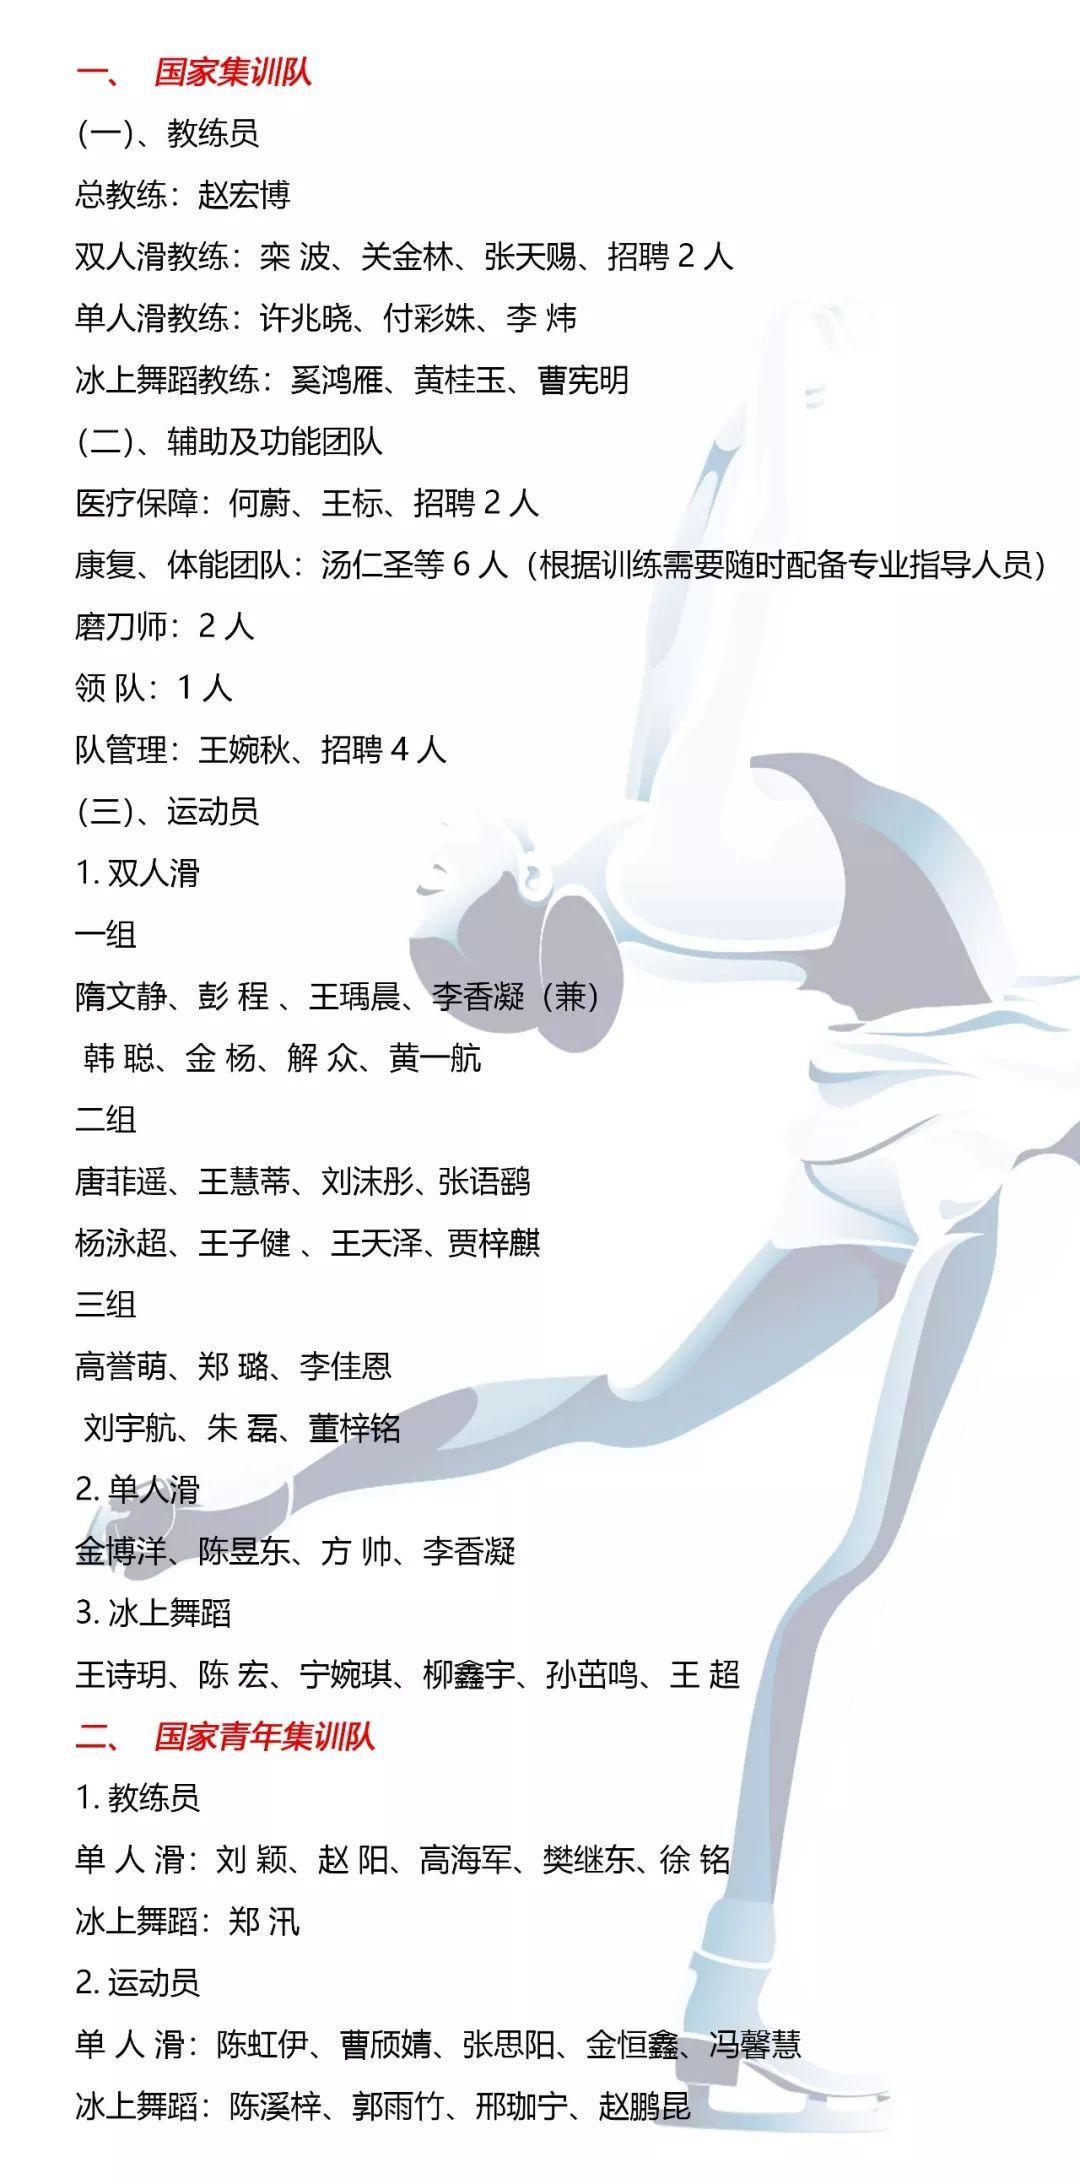 中国花滑队新名单公布 真是人才济济呀